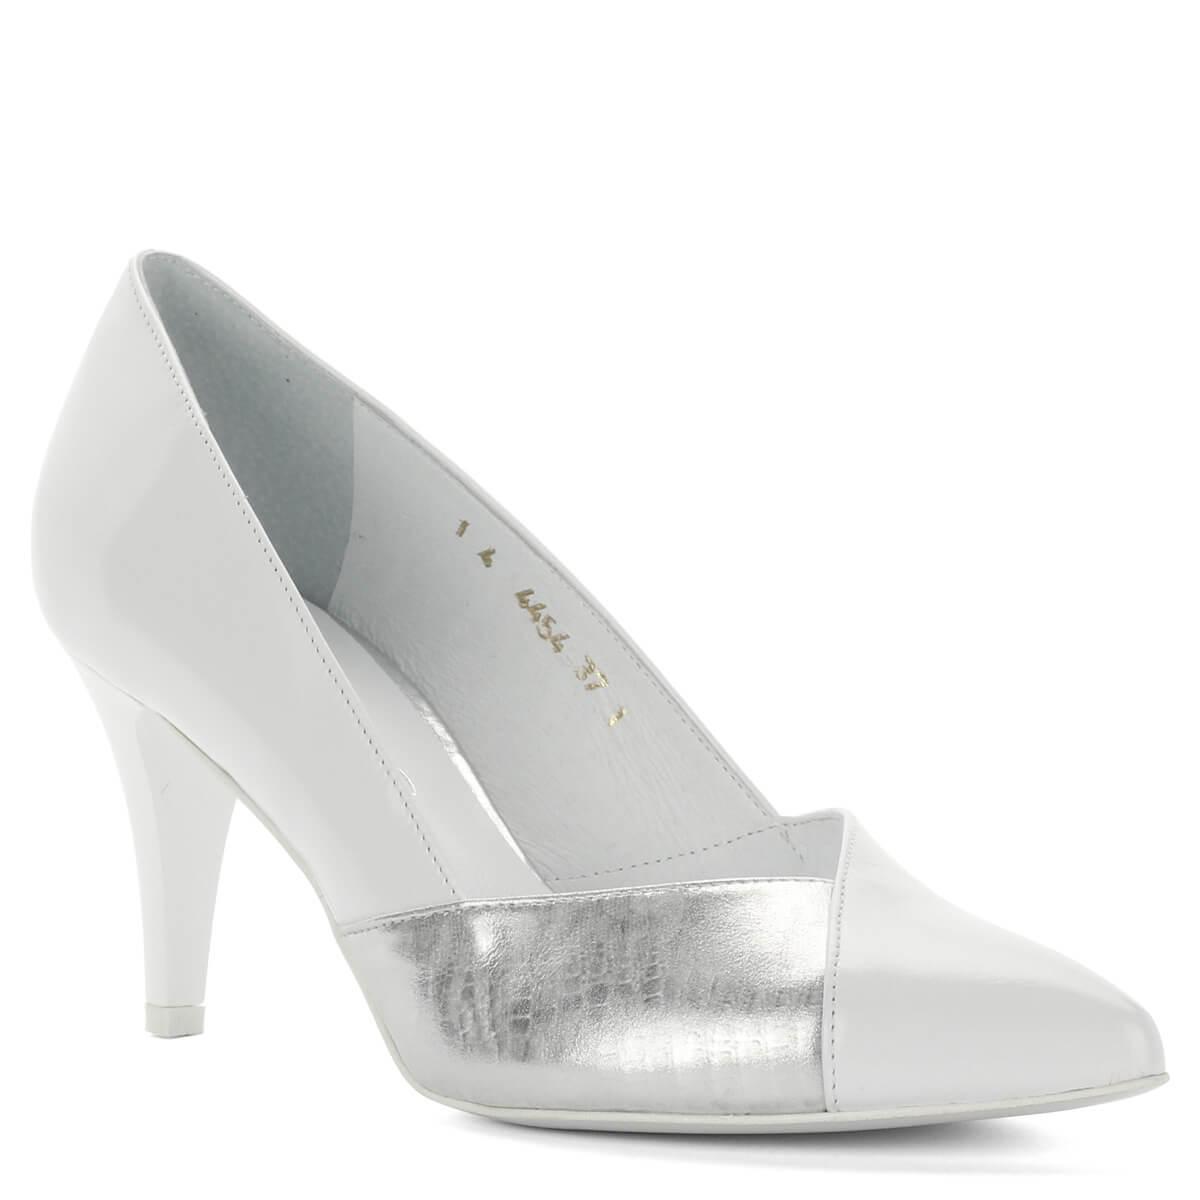 Orrán ezüst  Anis fehér alkalmi cipő. Elegáns hegyes orrú fazon 8 cm magas  sarokkal. 432443fff6